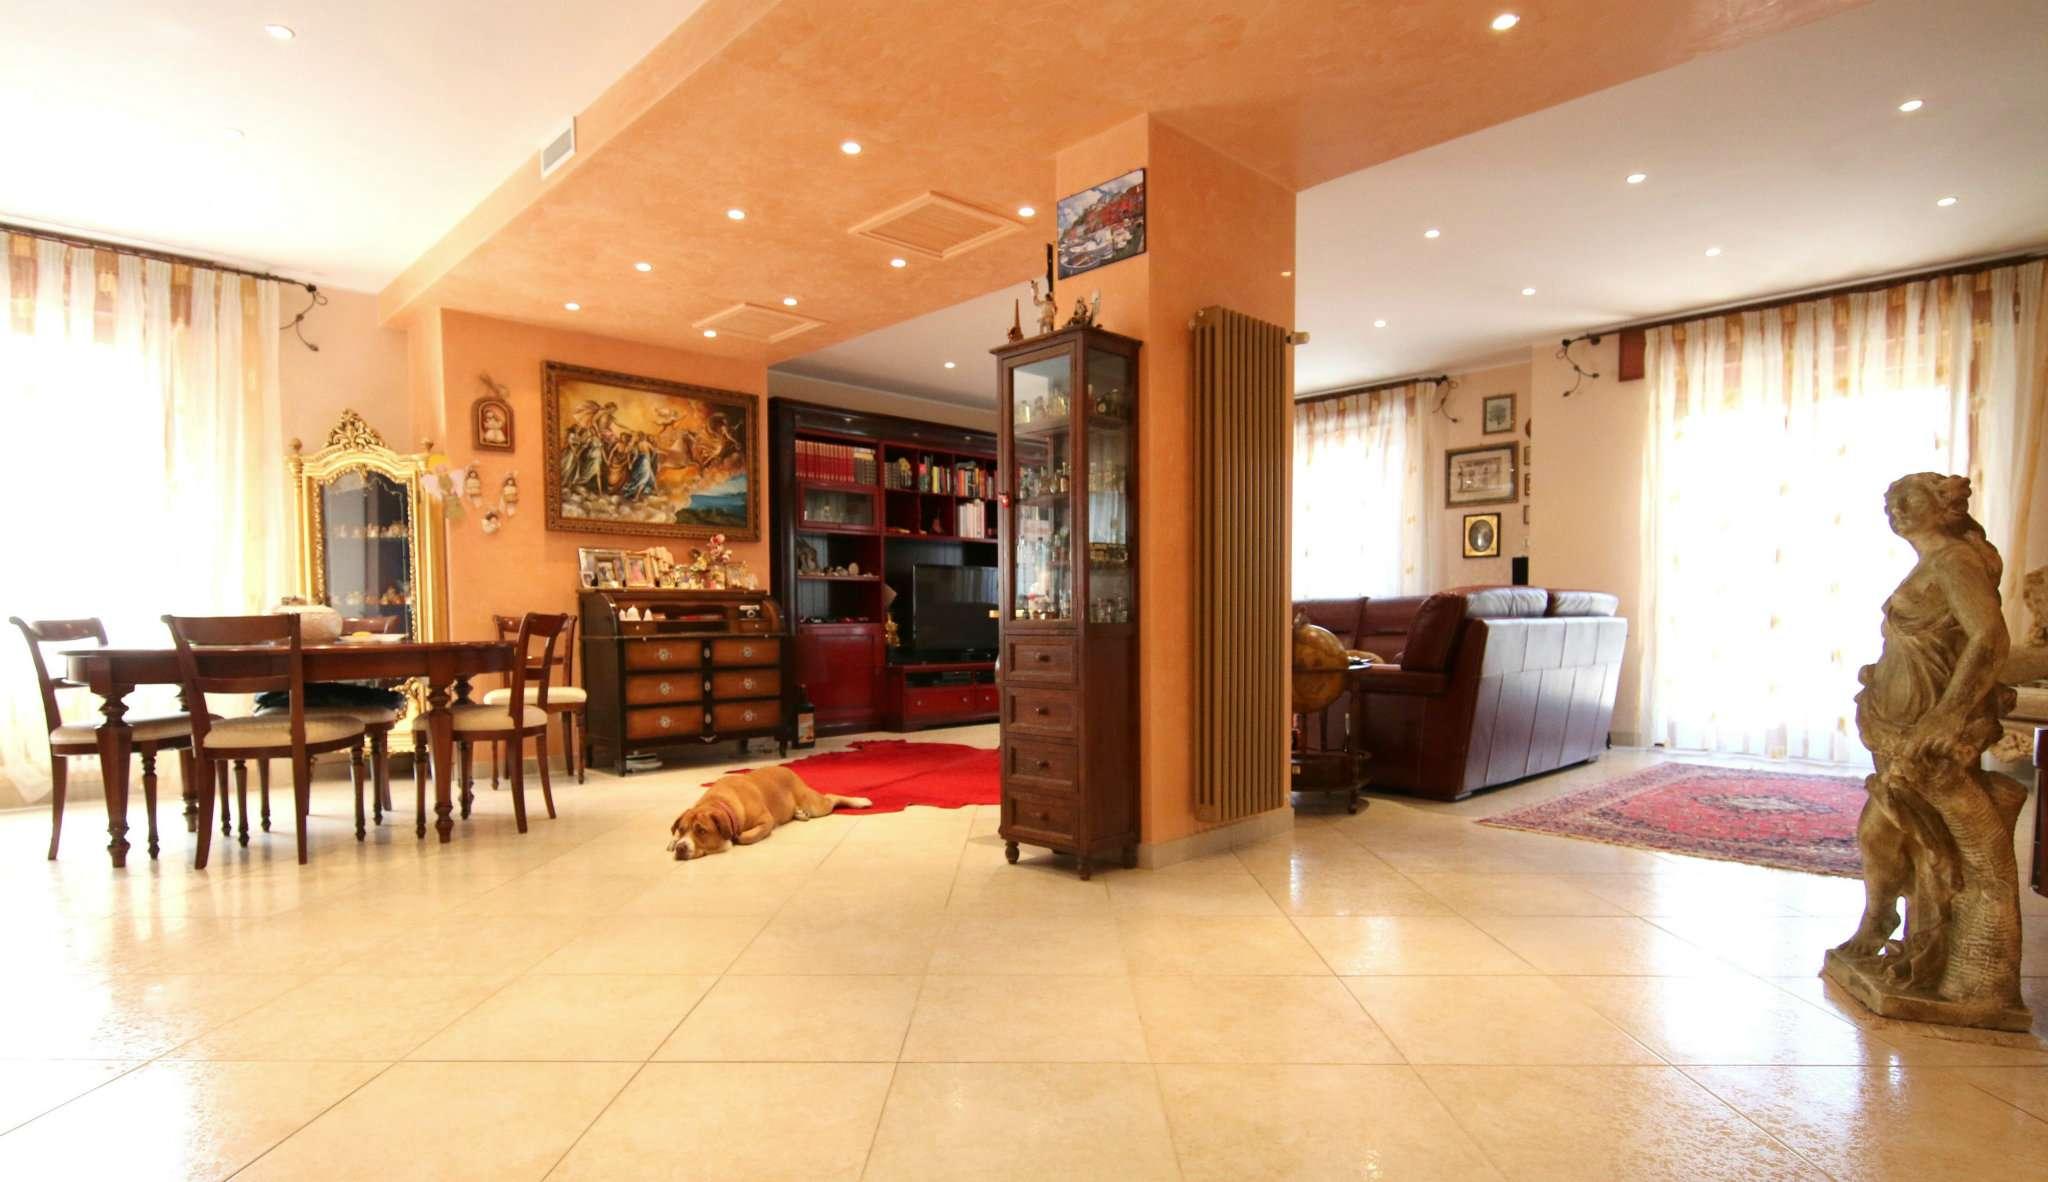 Appartamento in vendita a Taranto, 5 locali, prezzo € 238.000 | CambioCasa.it